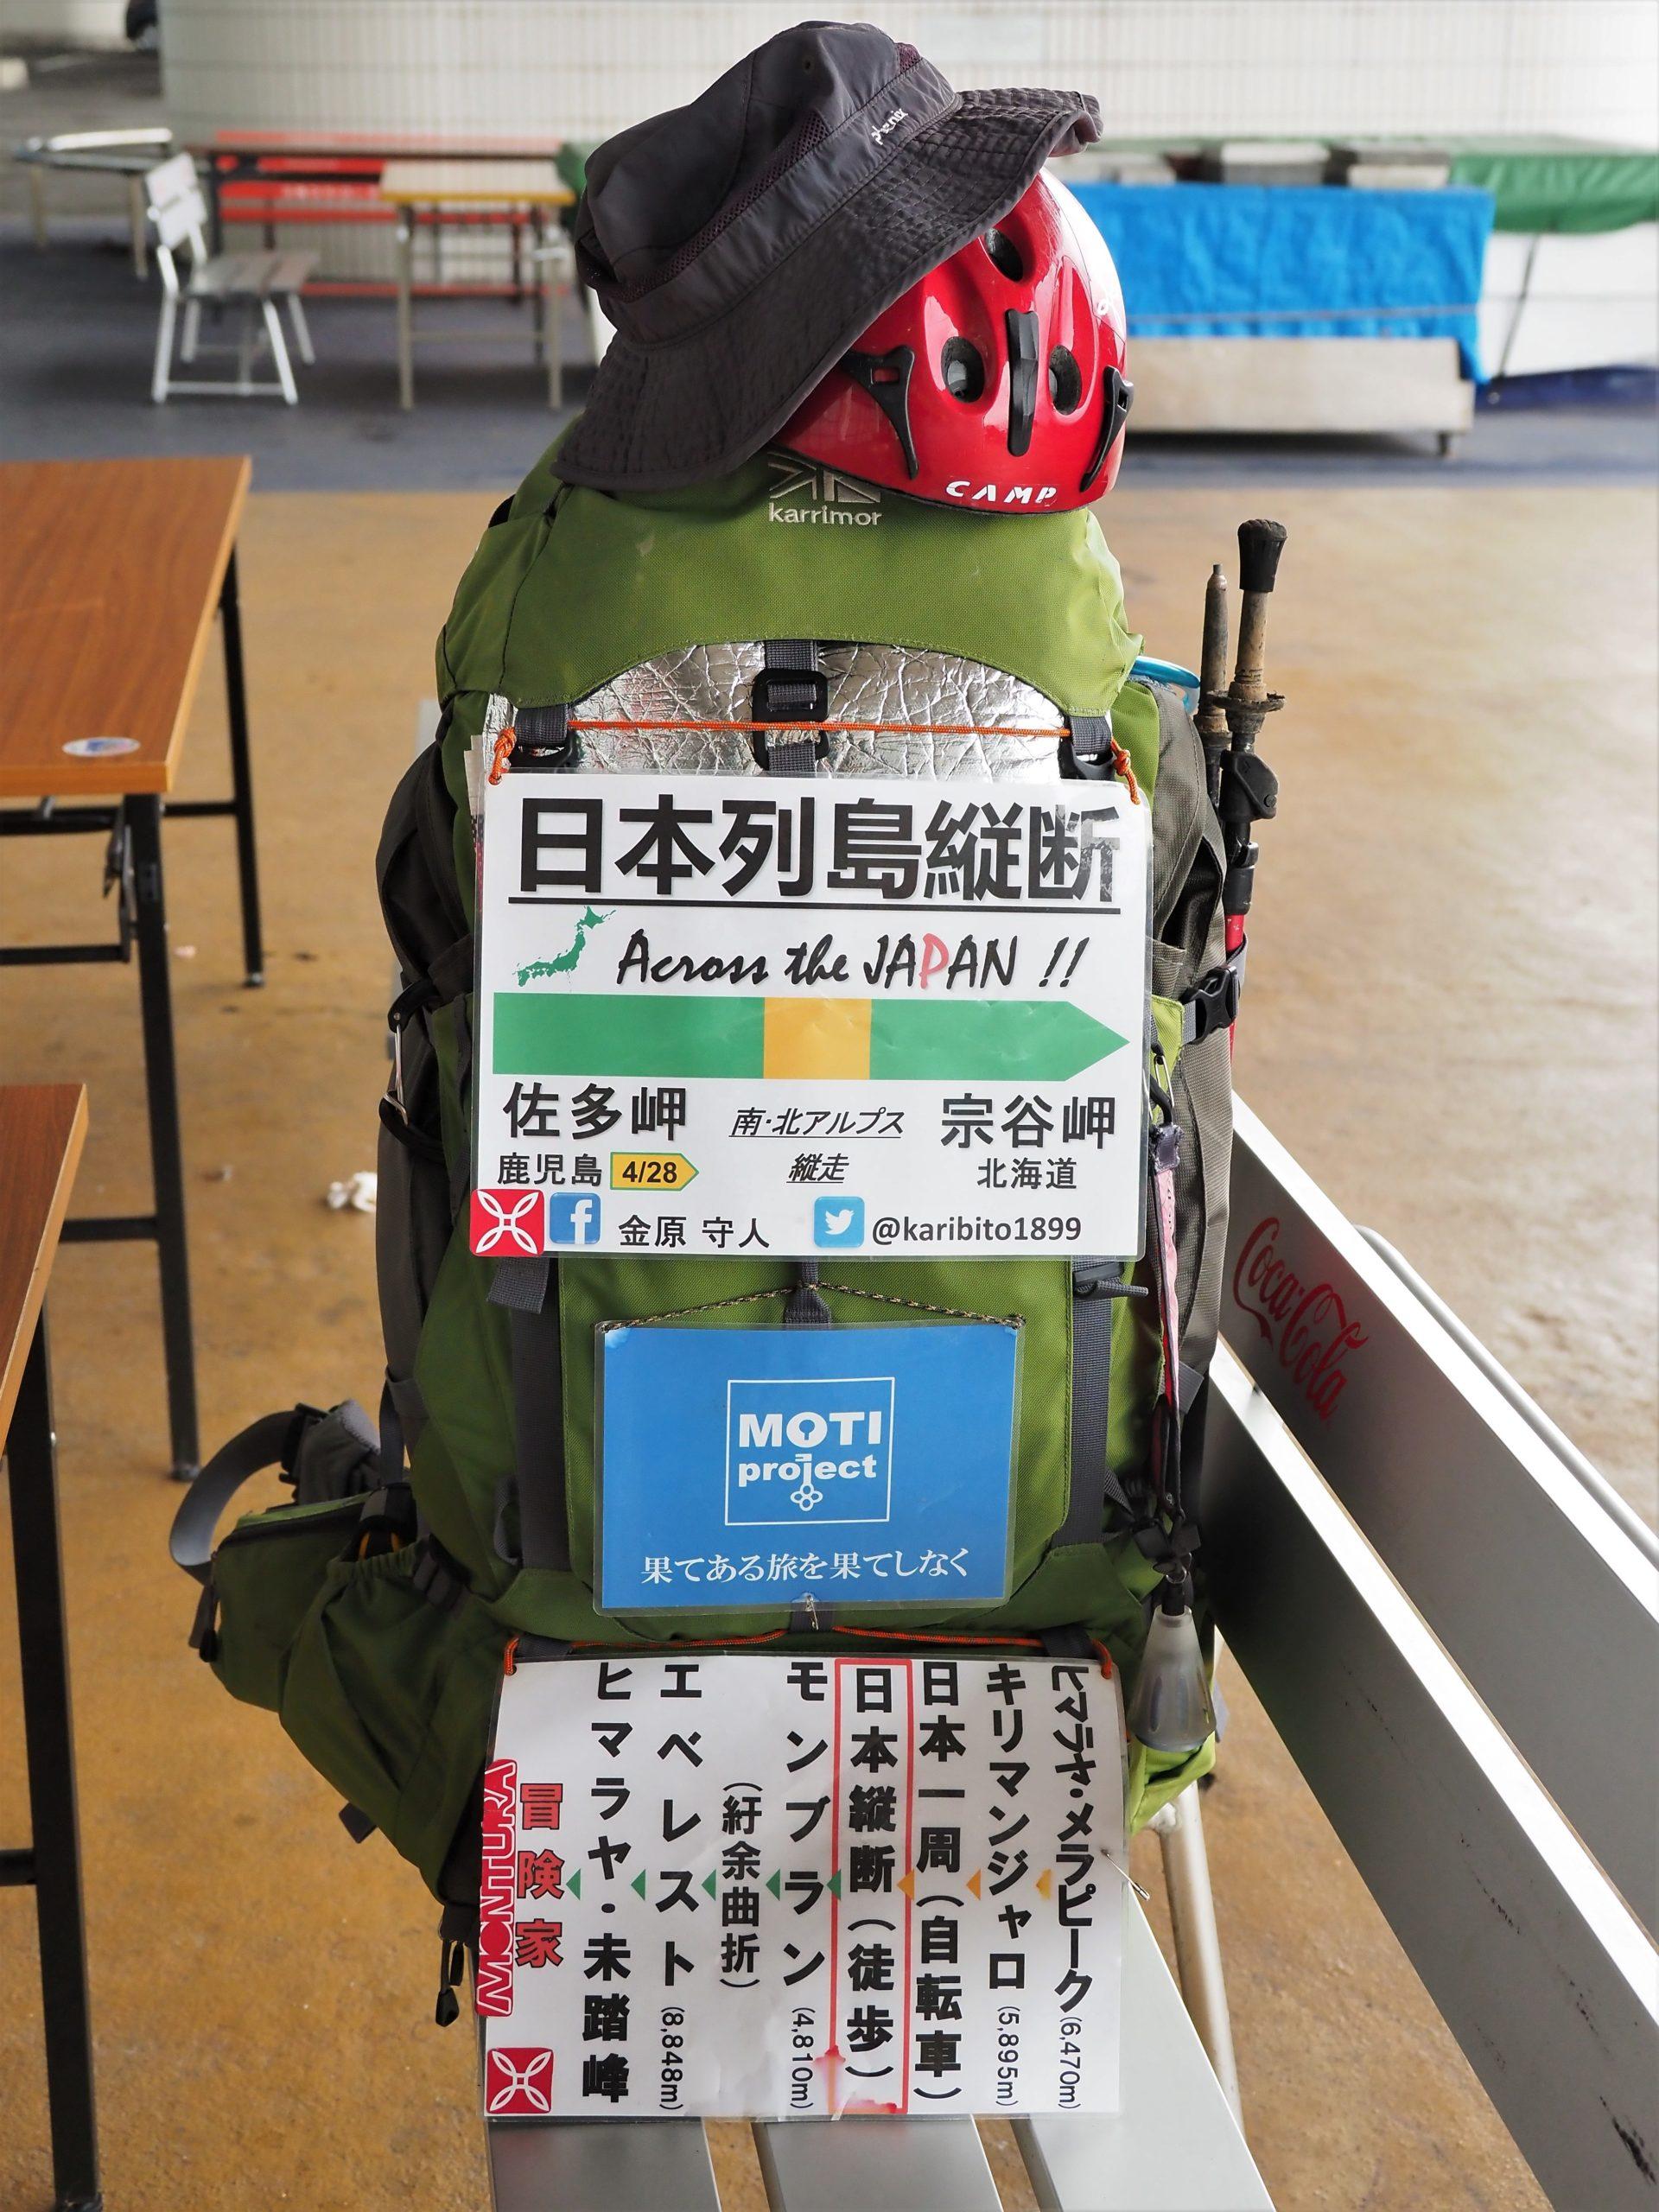 日本縦断 装備